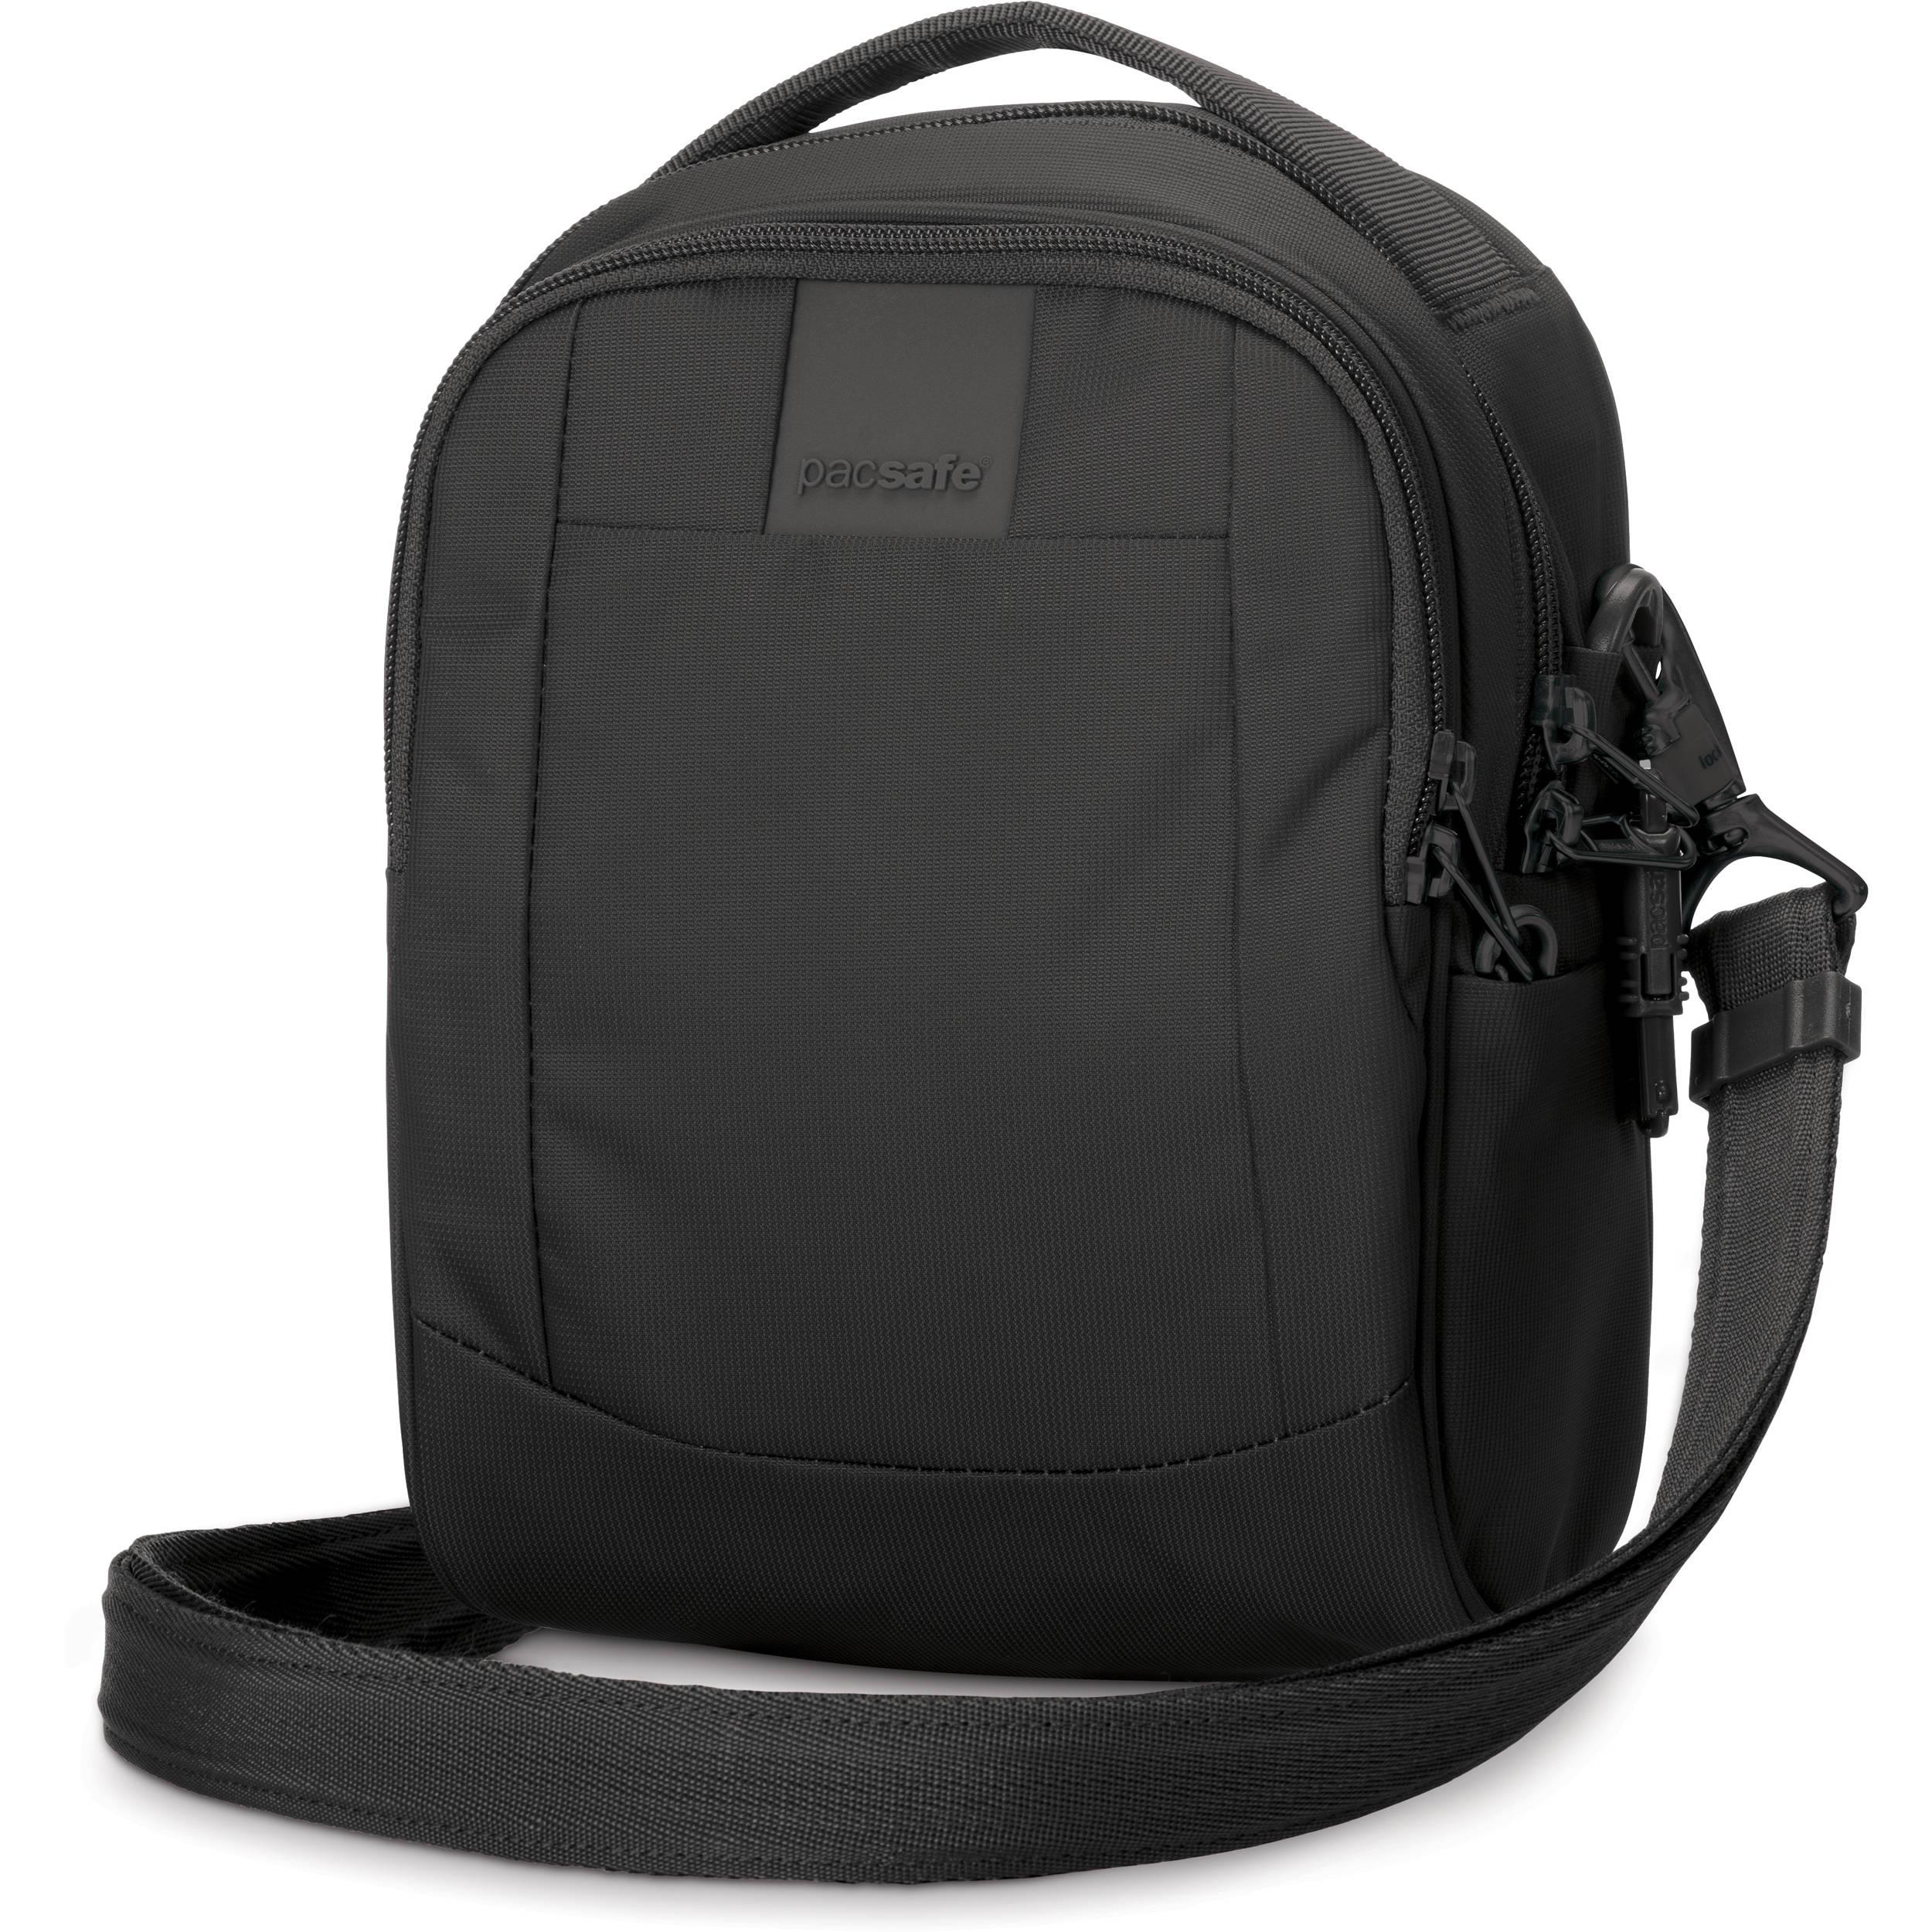 Pacsafe Metrosafe Ls100 Anti Theft Cross Body Bag 30400100 Bh Notebook Protector Black